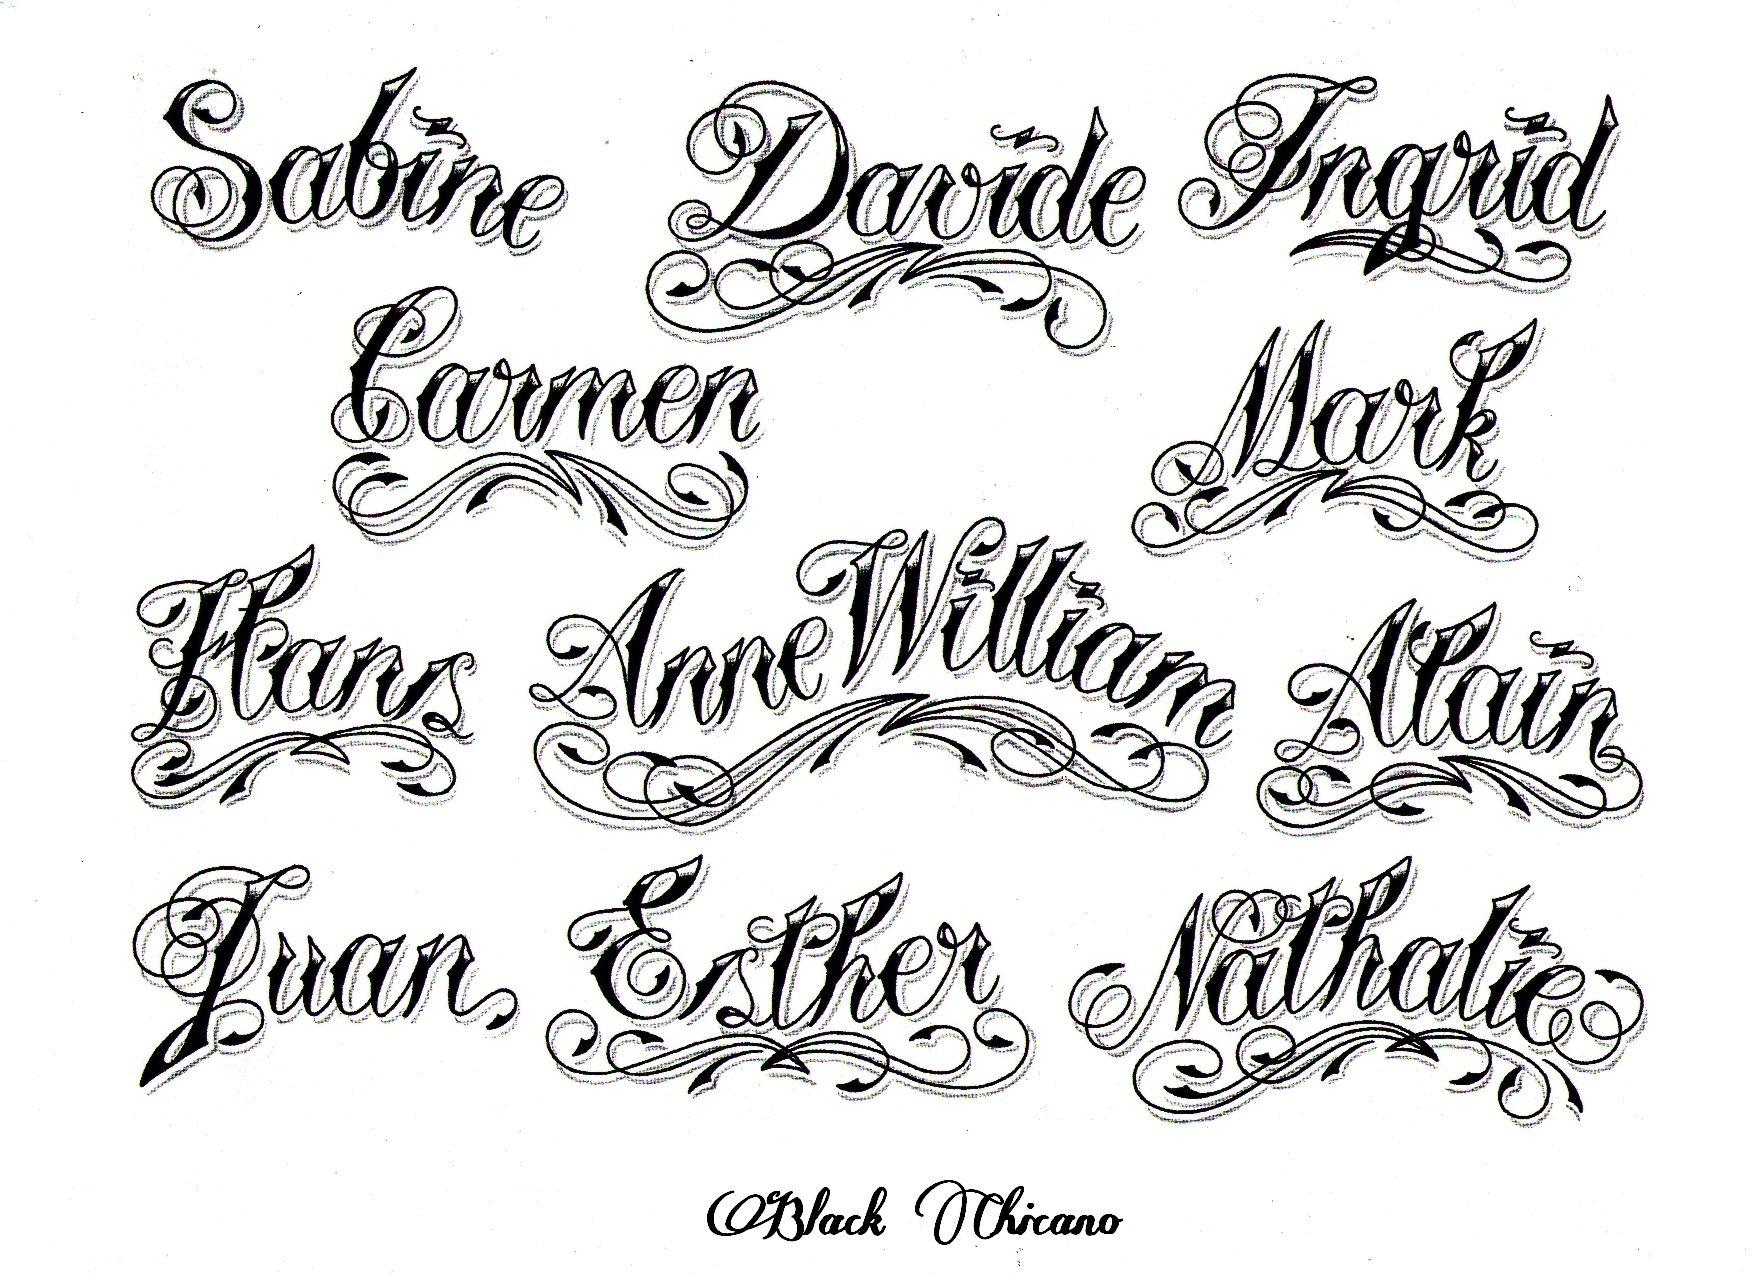 Tattoo Font Generator Cursive Tattoo Script Creator Roman Numerals